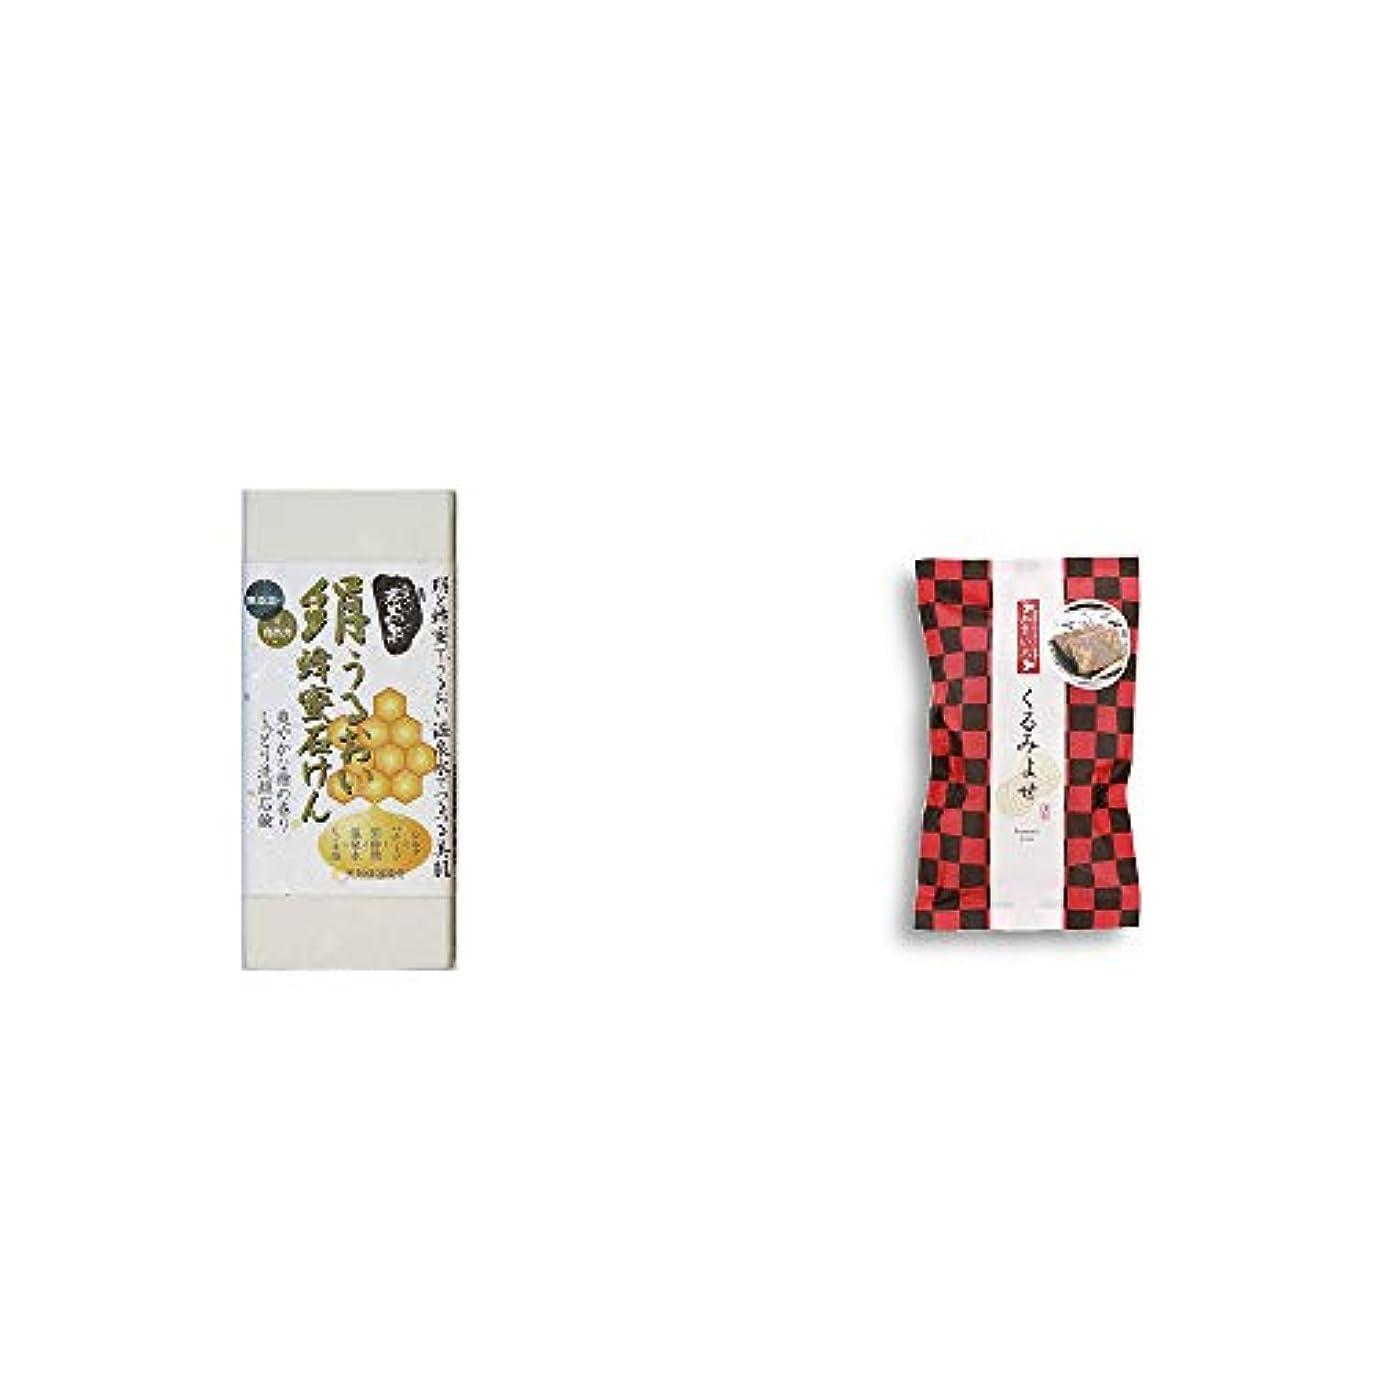 ティーム運動再編成する[2点セット] ひのき炭黒泉 絹うるおい蜂蜜石けん(75g×2)?くるみよせ(こし餡)(5個入)